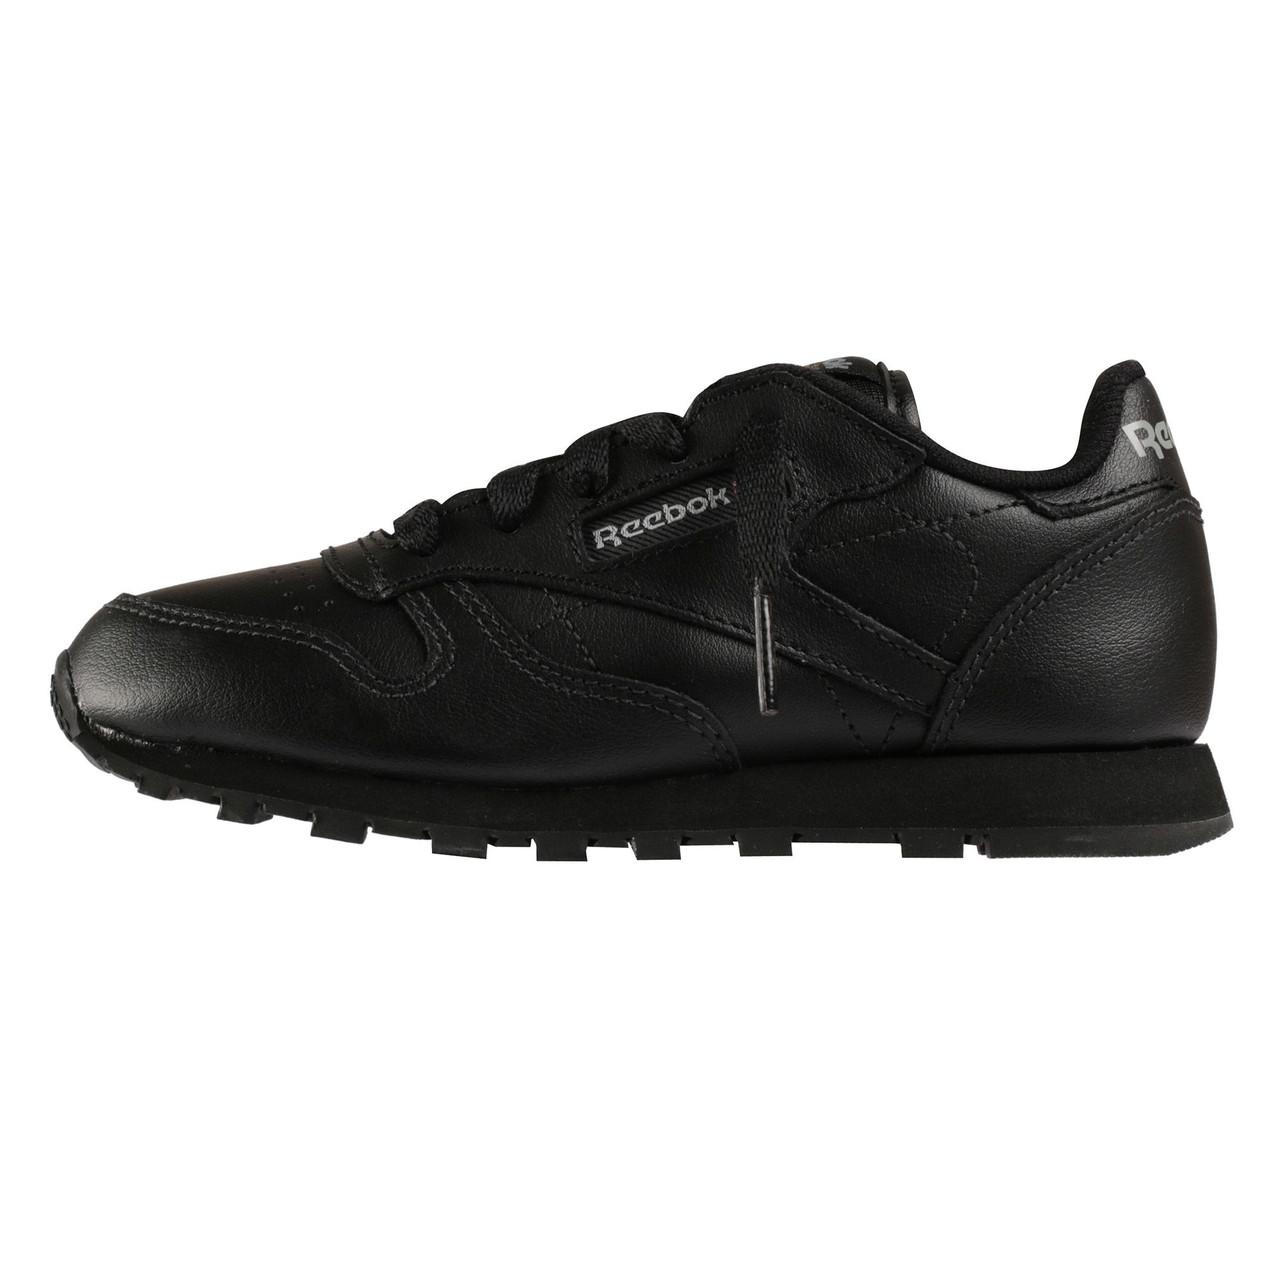 Купить Детские кроссовки Reebok classic leather (Артикул  50170) в ... beb9c948953